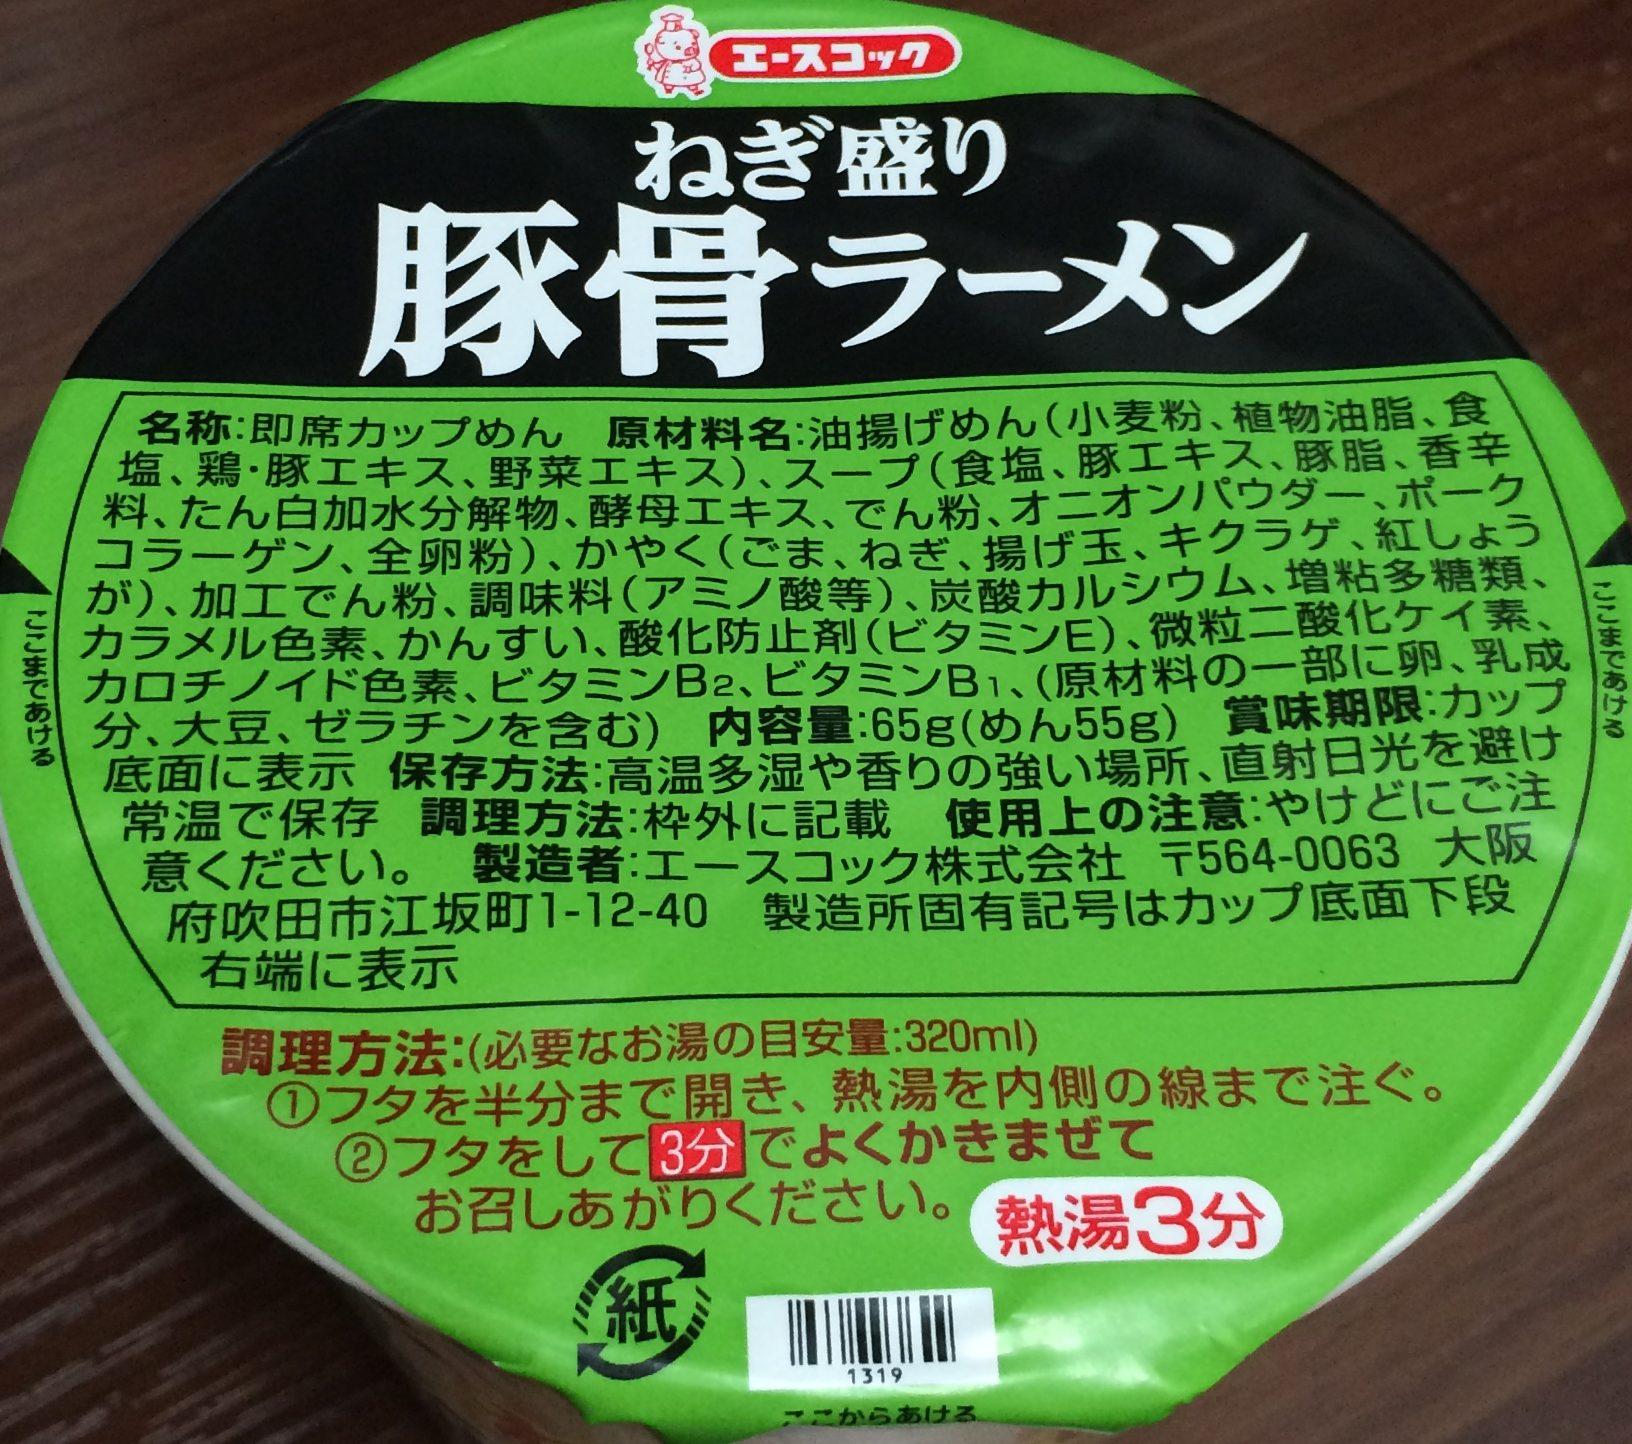 エースコック ねぎ盛り 豚骨ラーメン カップ65g